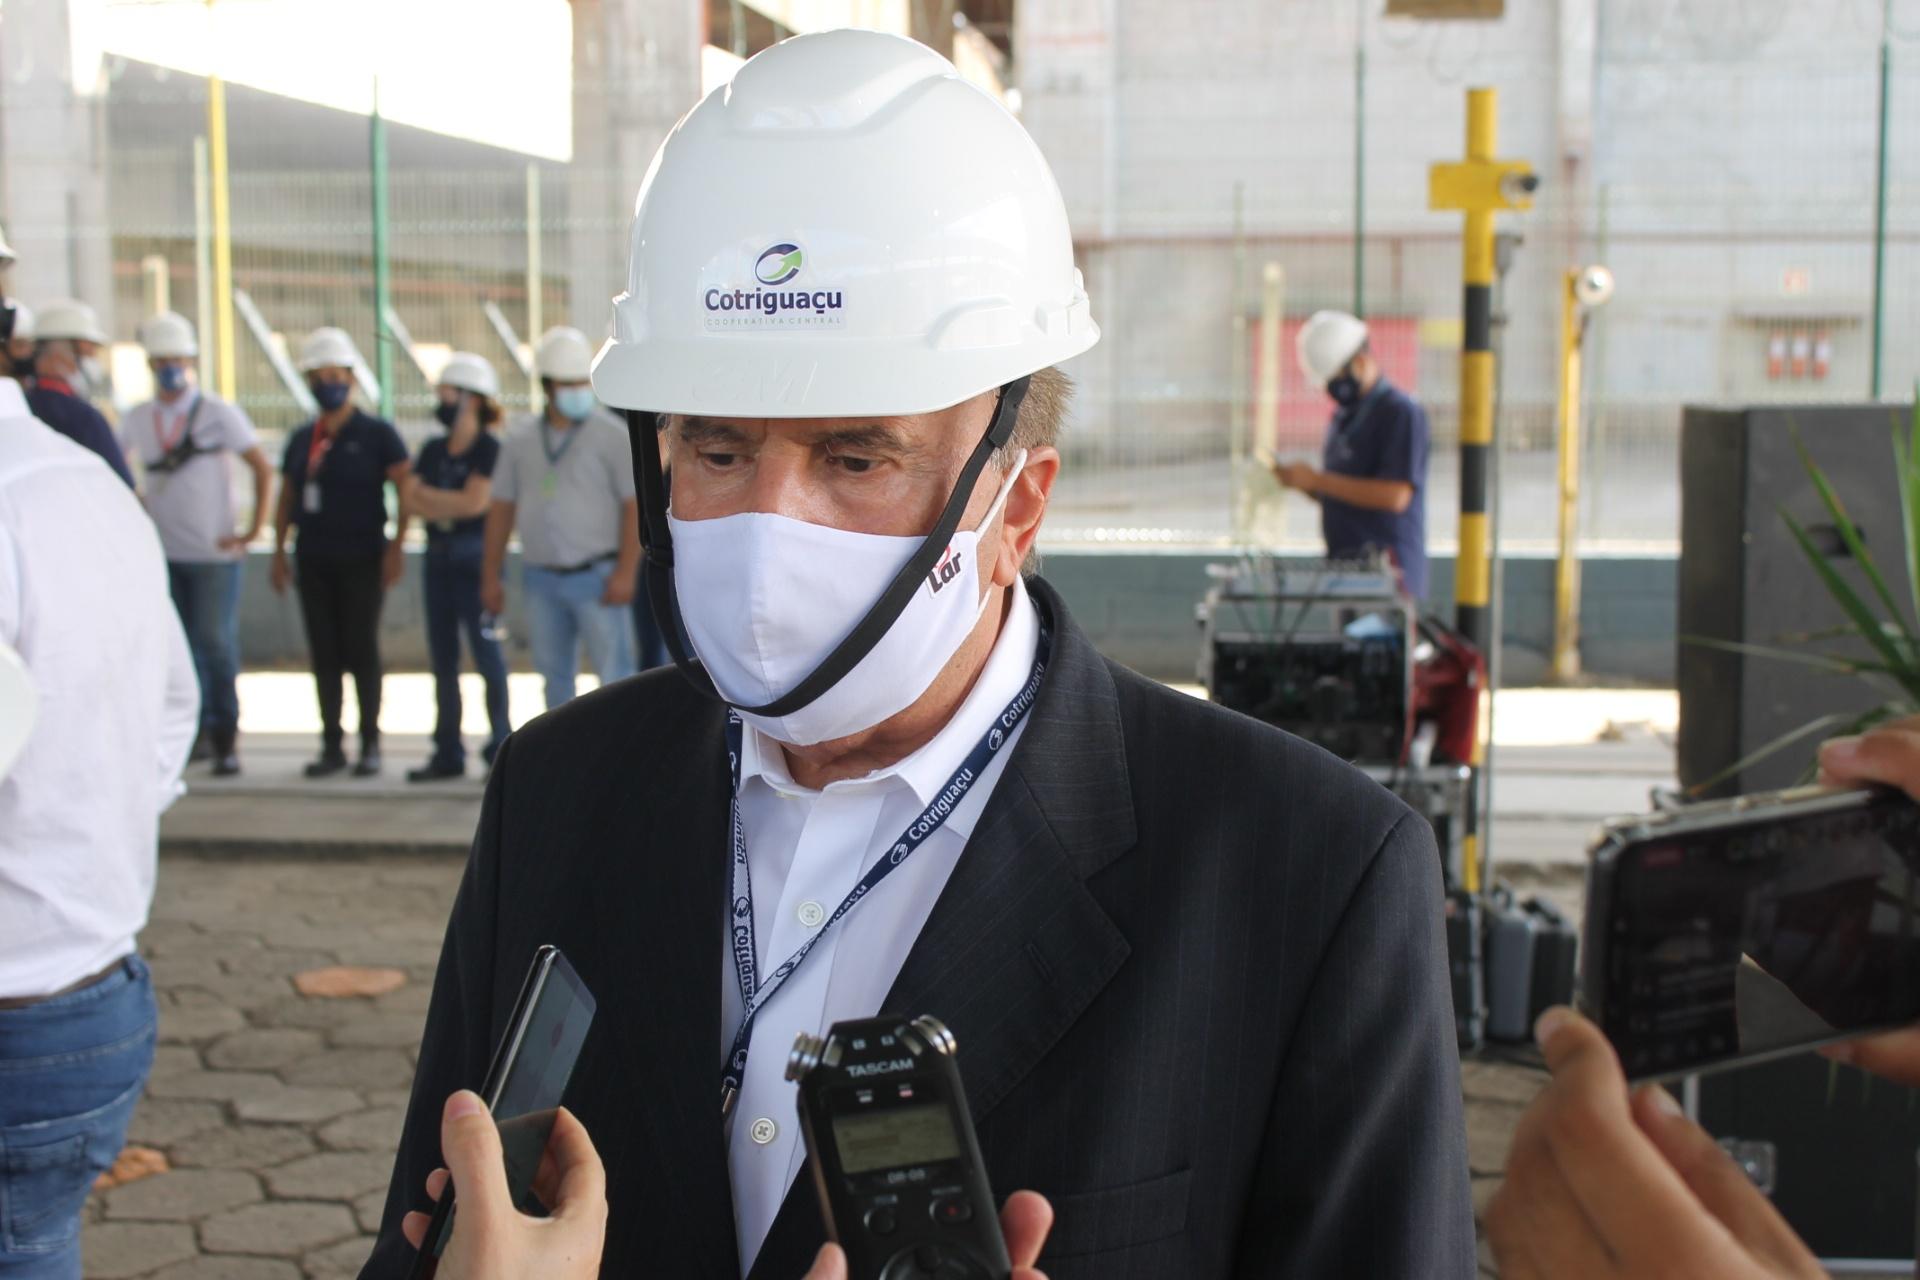 """Diretor-presidente da Cotriguaçu e da Lar Cooperativa, Irineo da Costa Rodrigues, salienta investimento na modernização e """"em tornar todas as operações da Cotriguaçu em Paranaguá mais dinâmicas e ágeis"""""""